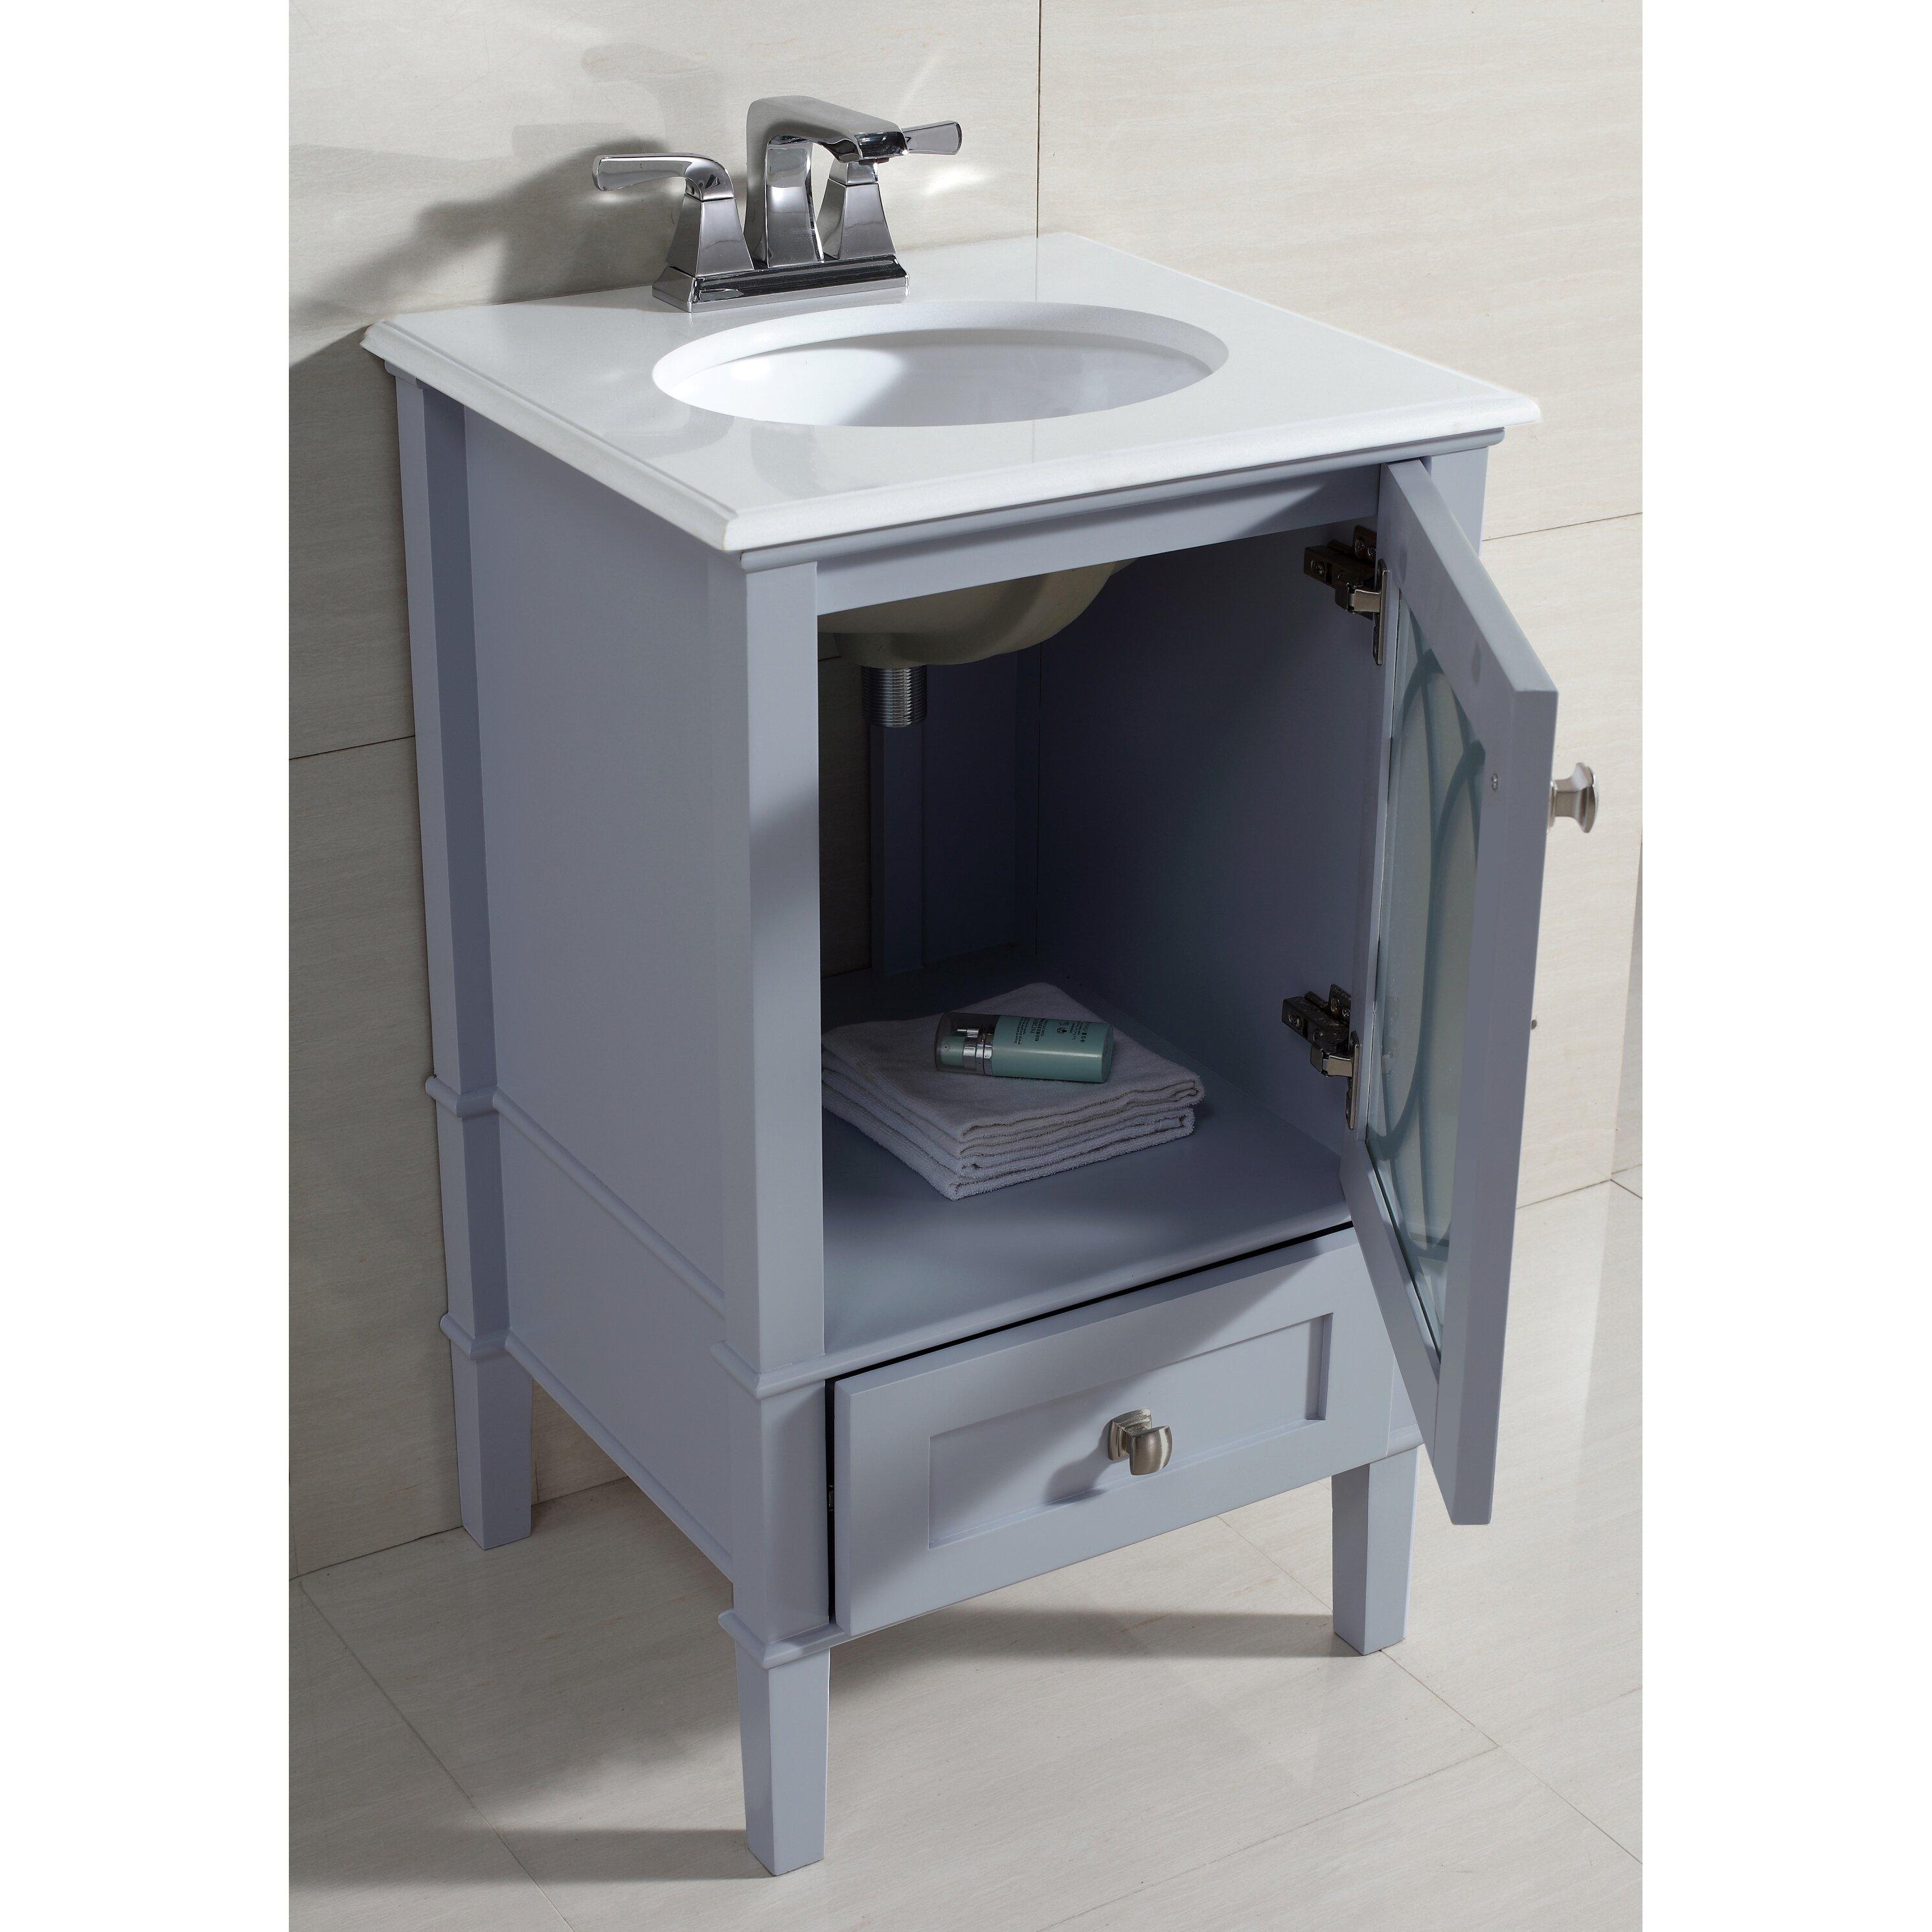 simpli home paige 21 single bathroom vanity set reviews wayfair